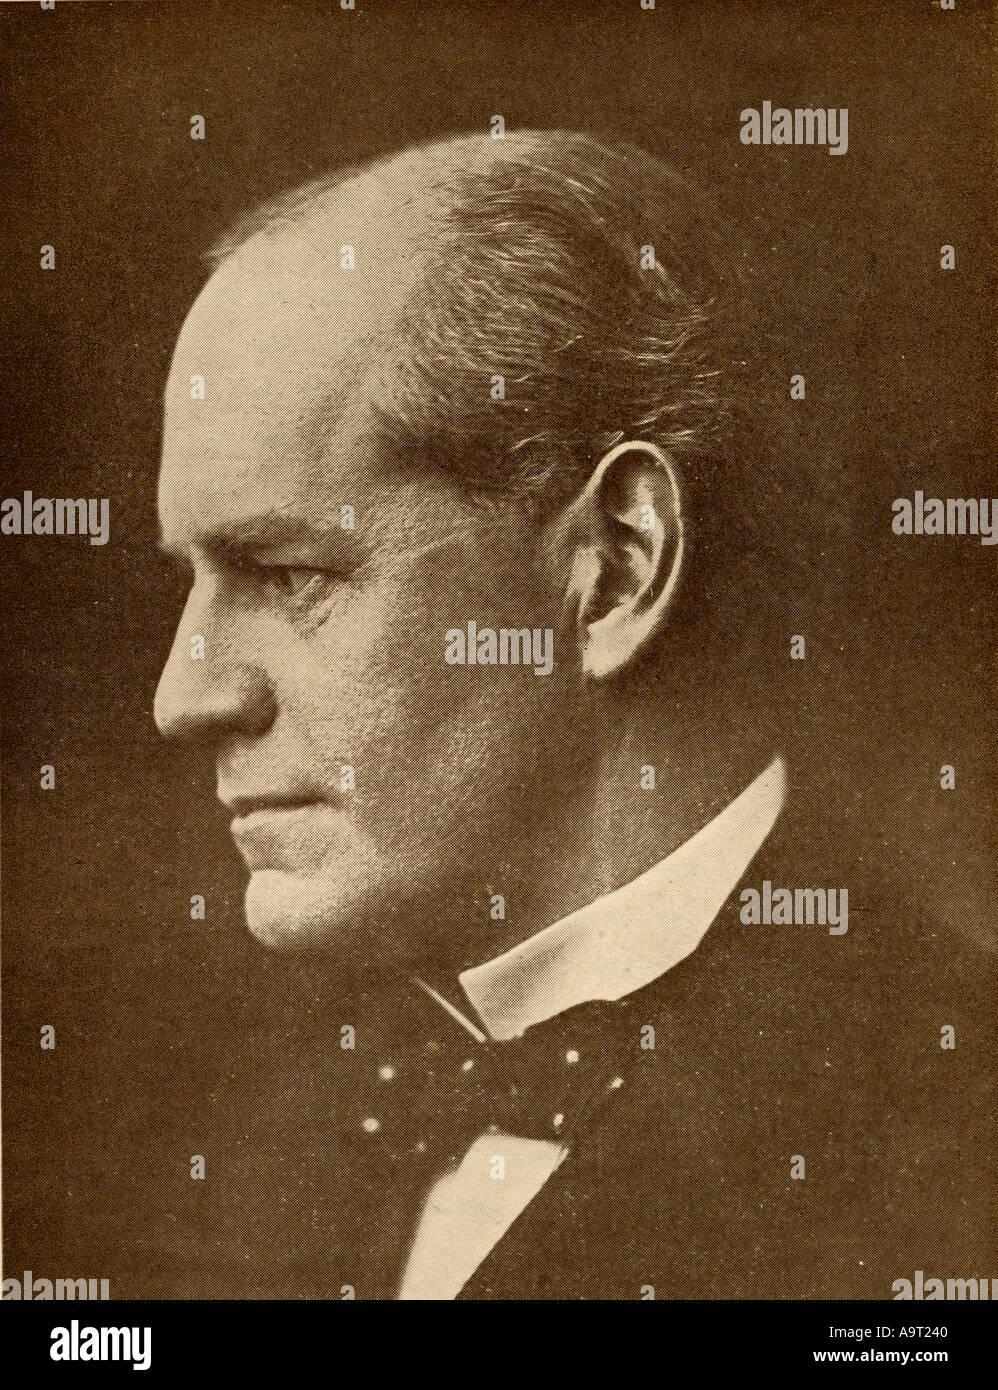 John Galsworthy, 1867 - 1933. Englische Schriftsteller und Dramatiker. Sieger der Nobelpreis für Literatur 1932. Stockbild